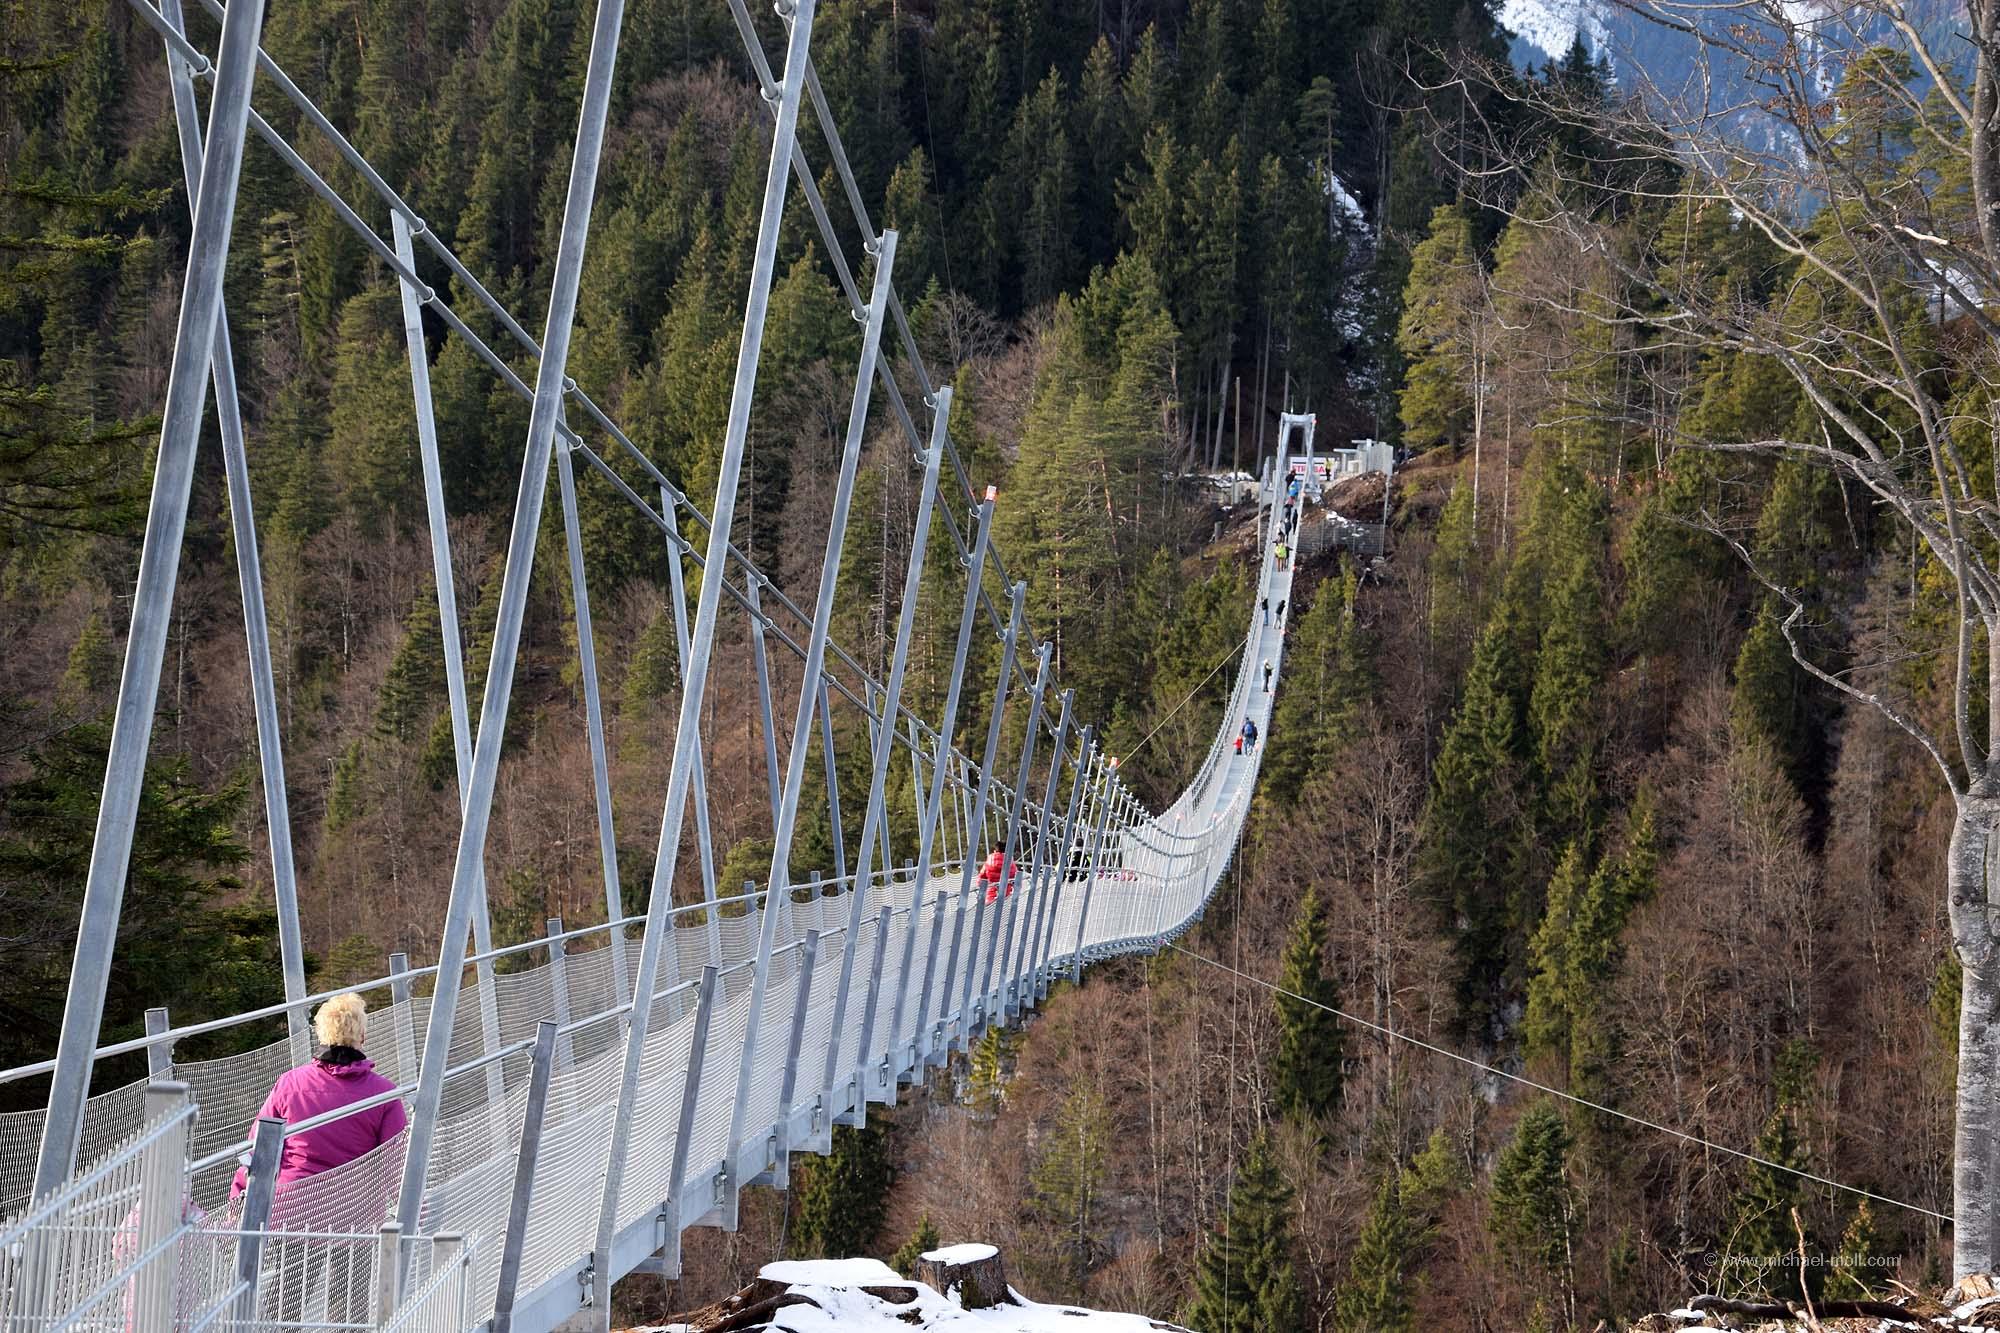 Die Brücke hängt sehr durch